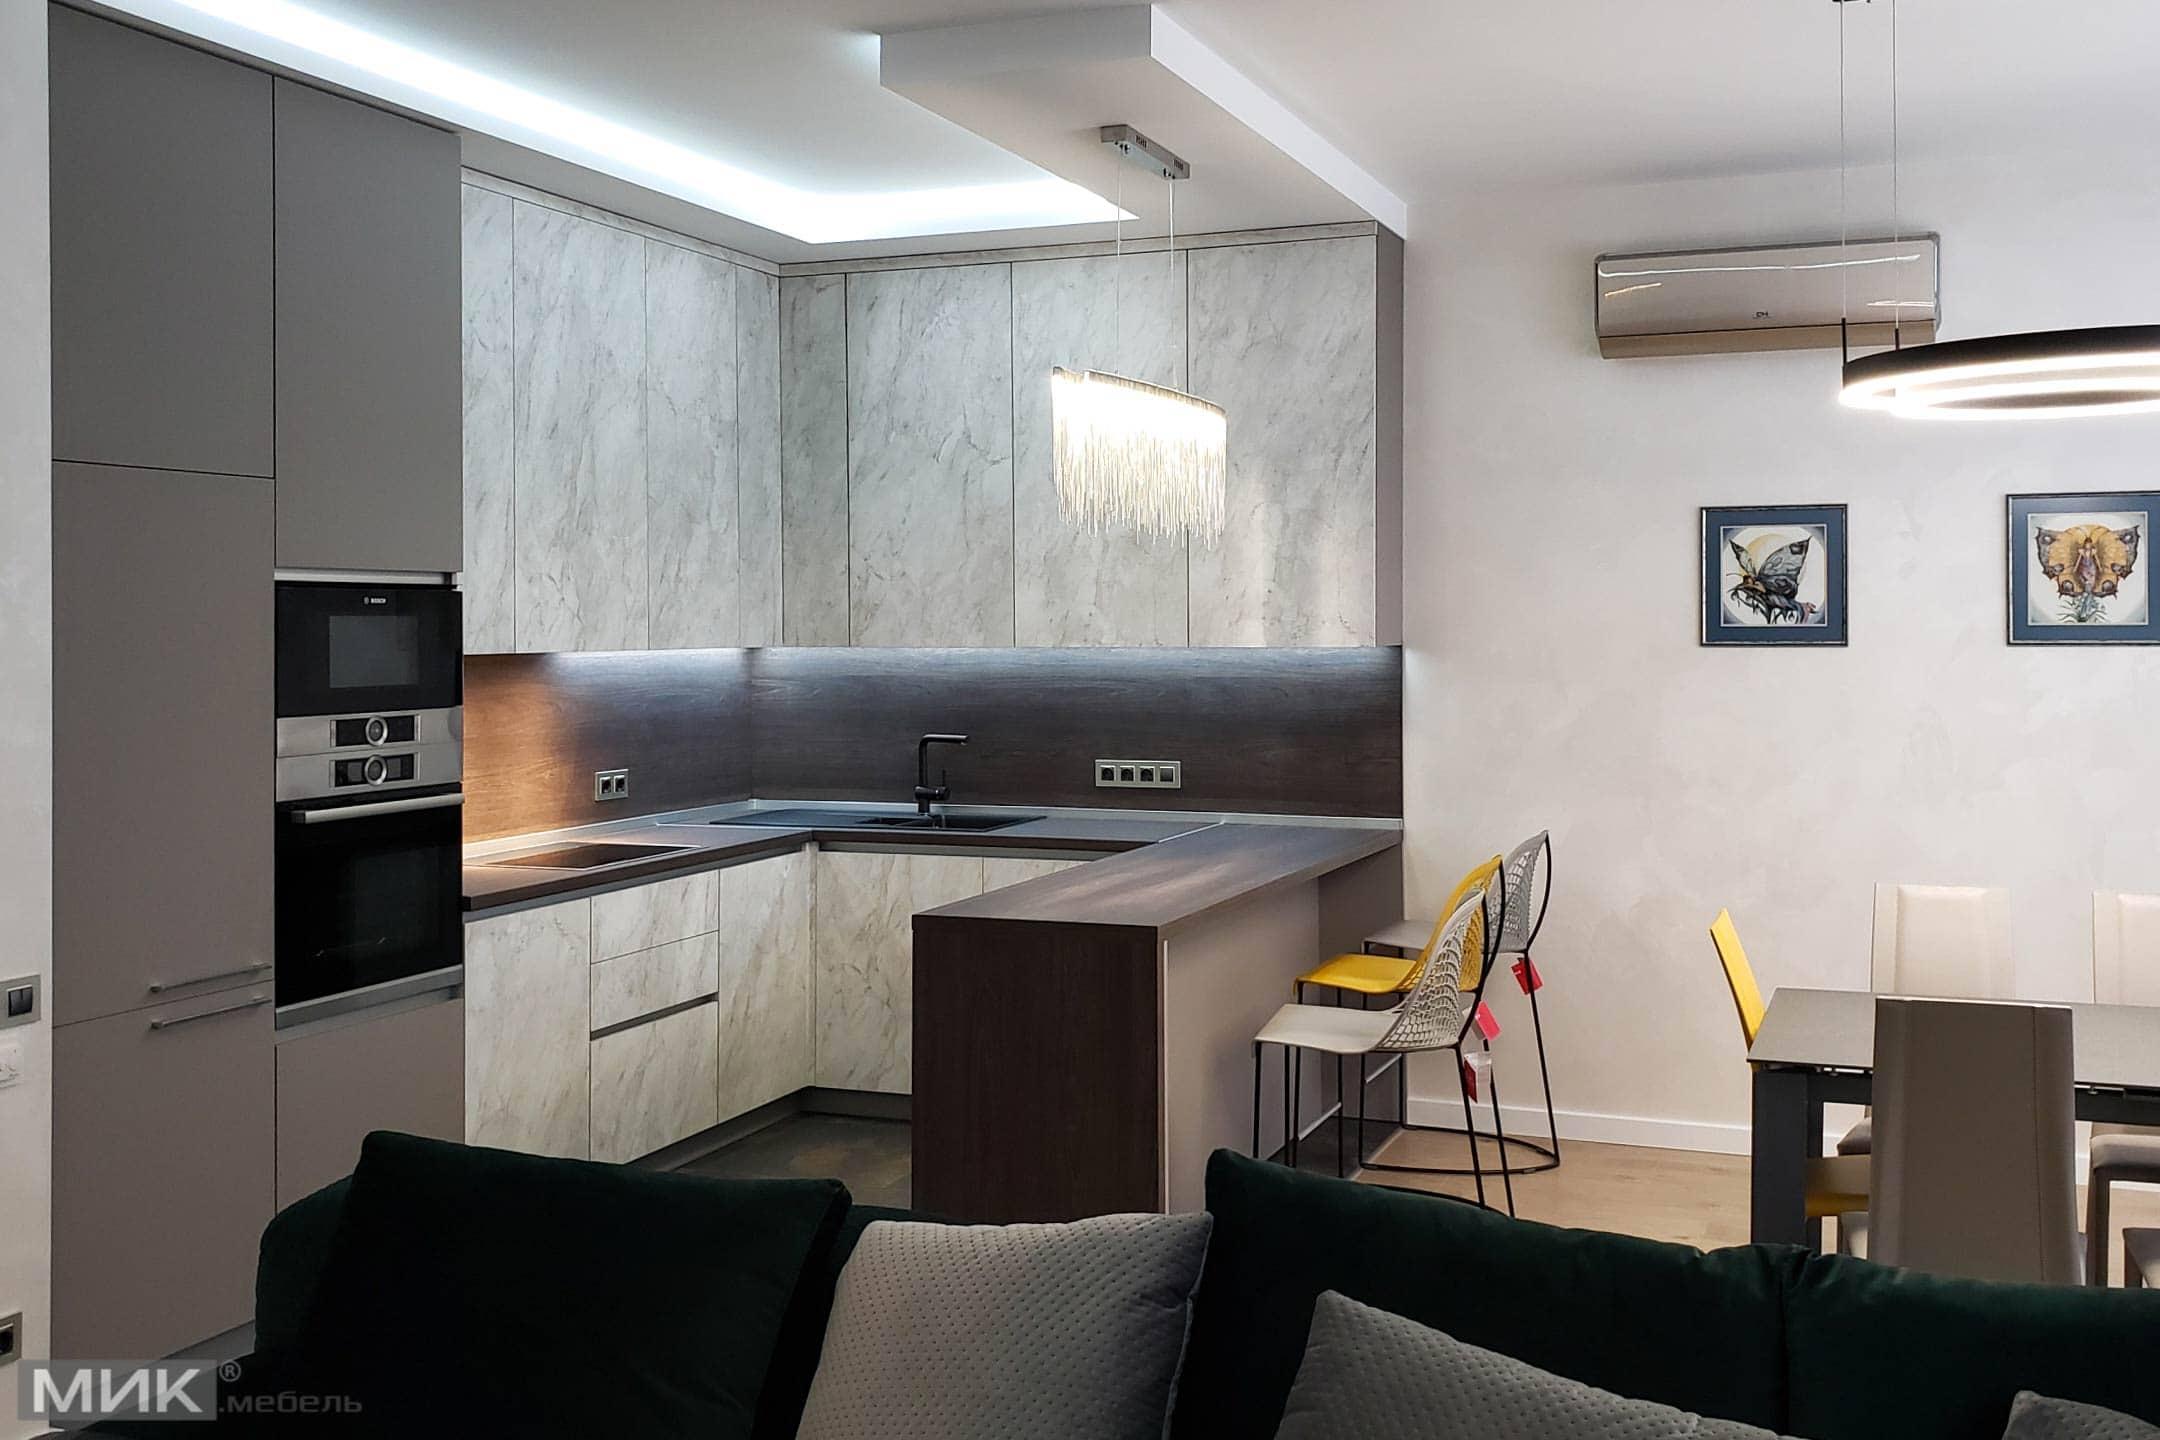 Кухня-стінова панель в колір стільниці